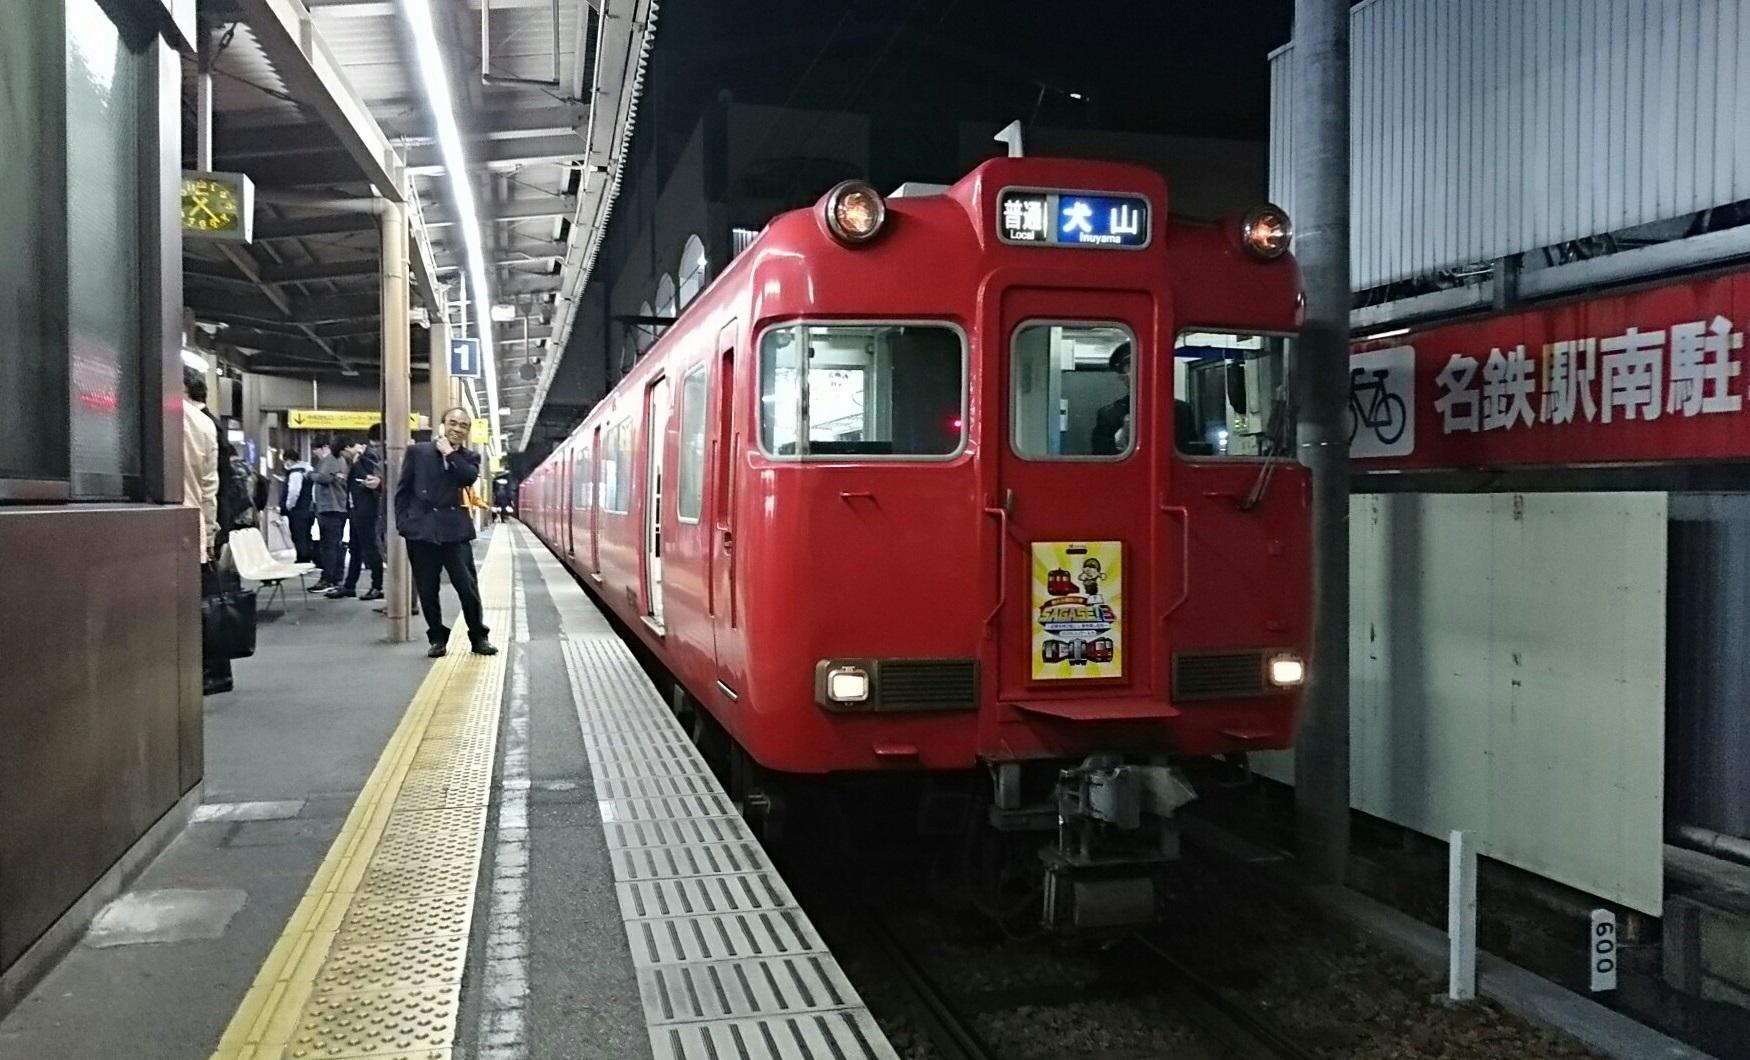 2018.3.28 かえり (61) 東岡崎 - 犬山いきふつう 1750-1060